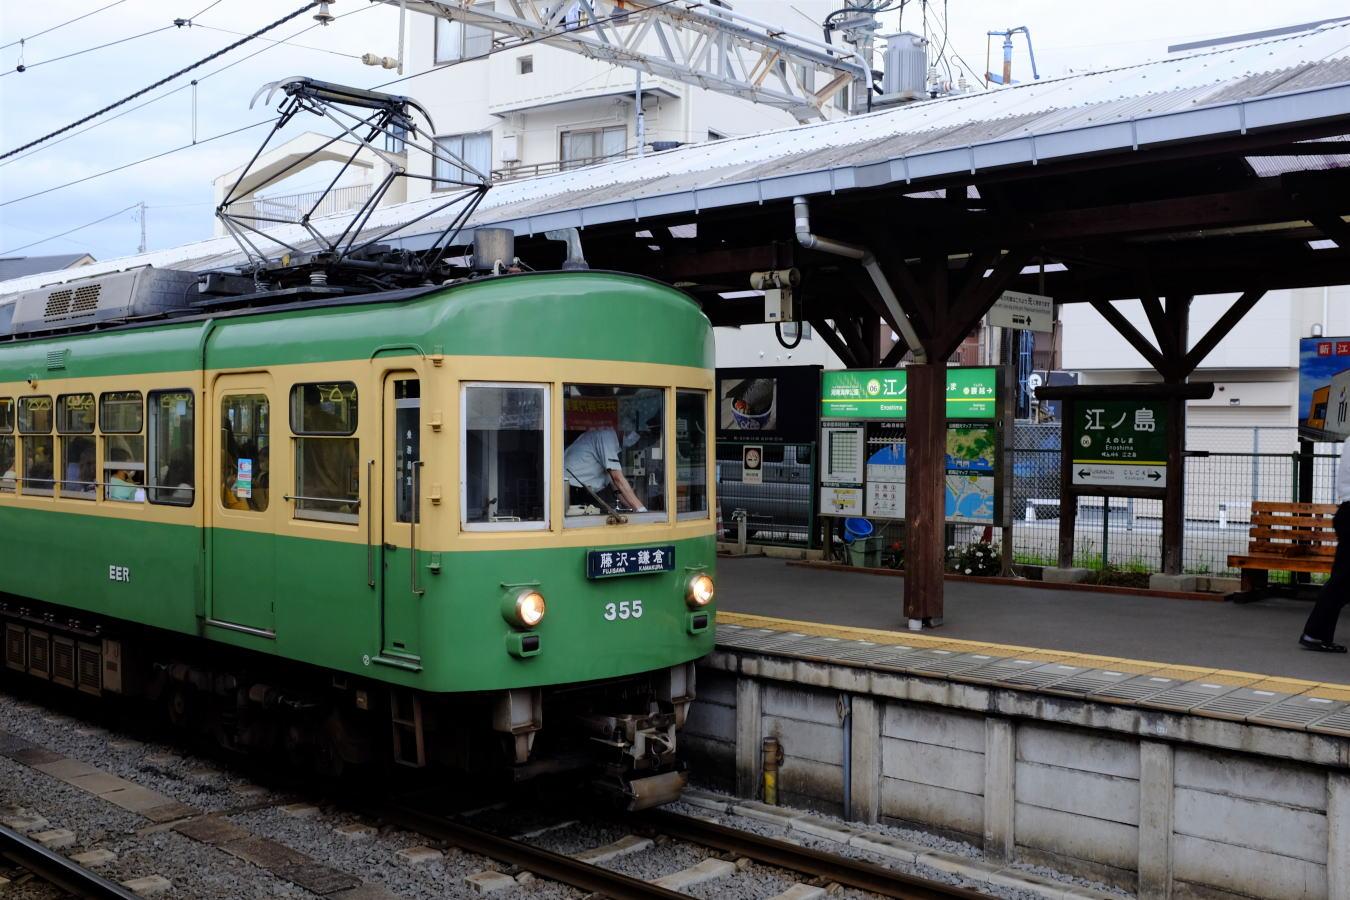 DSCF8341-fc2.jpg